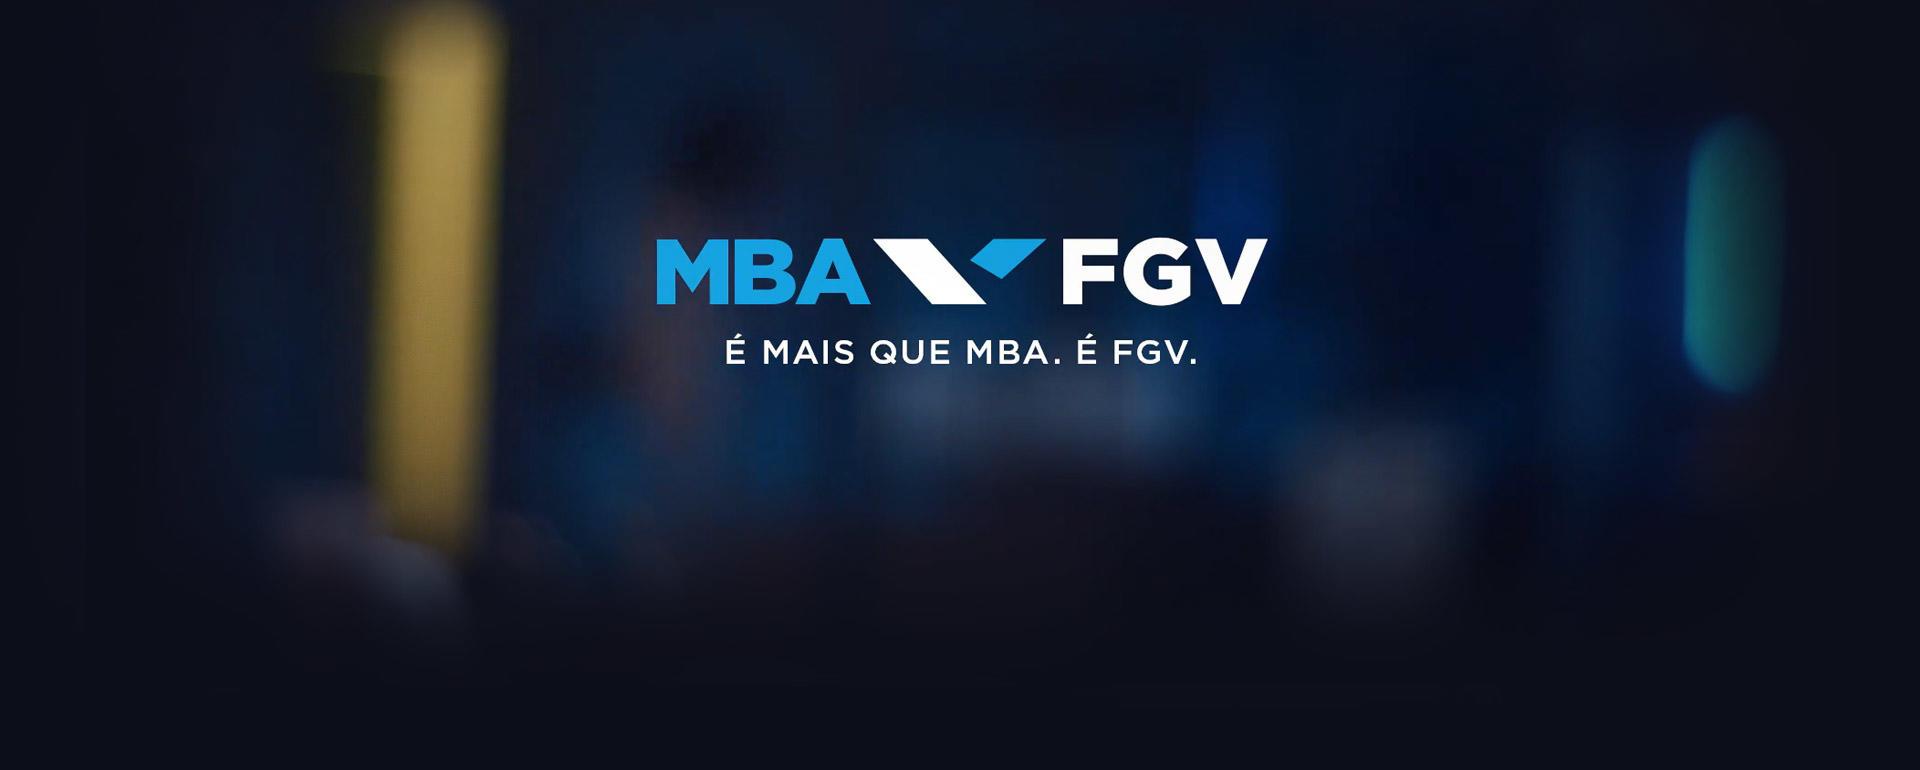 É mais que MBA. É FGV.